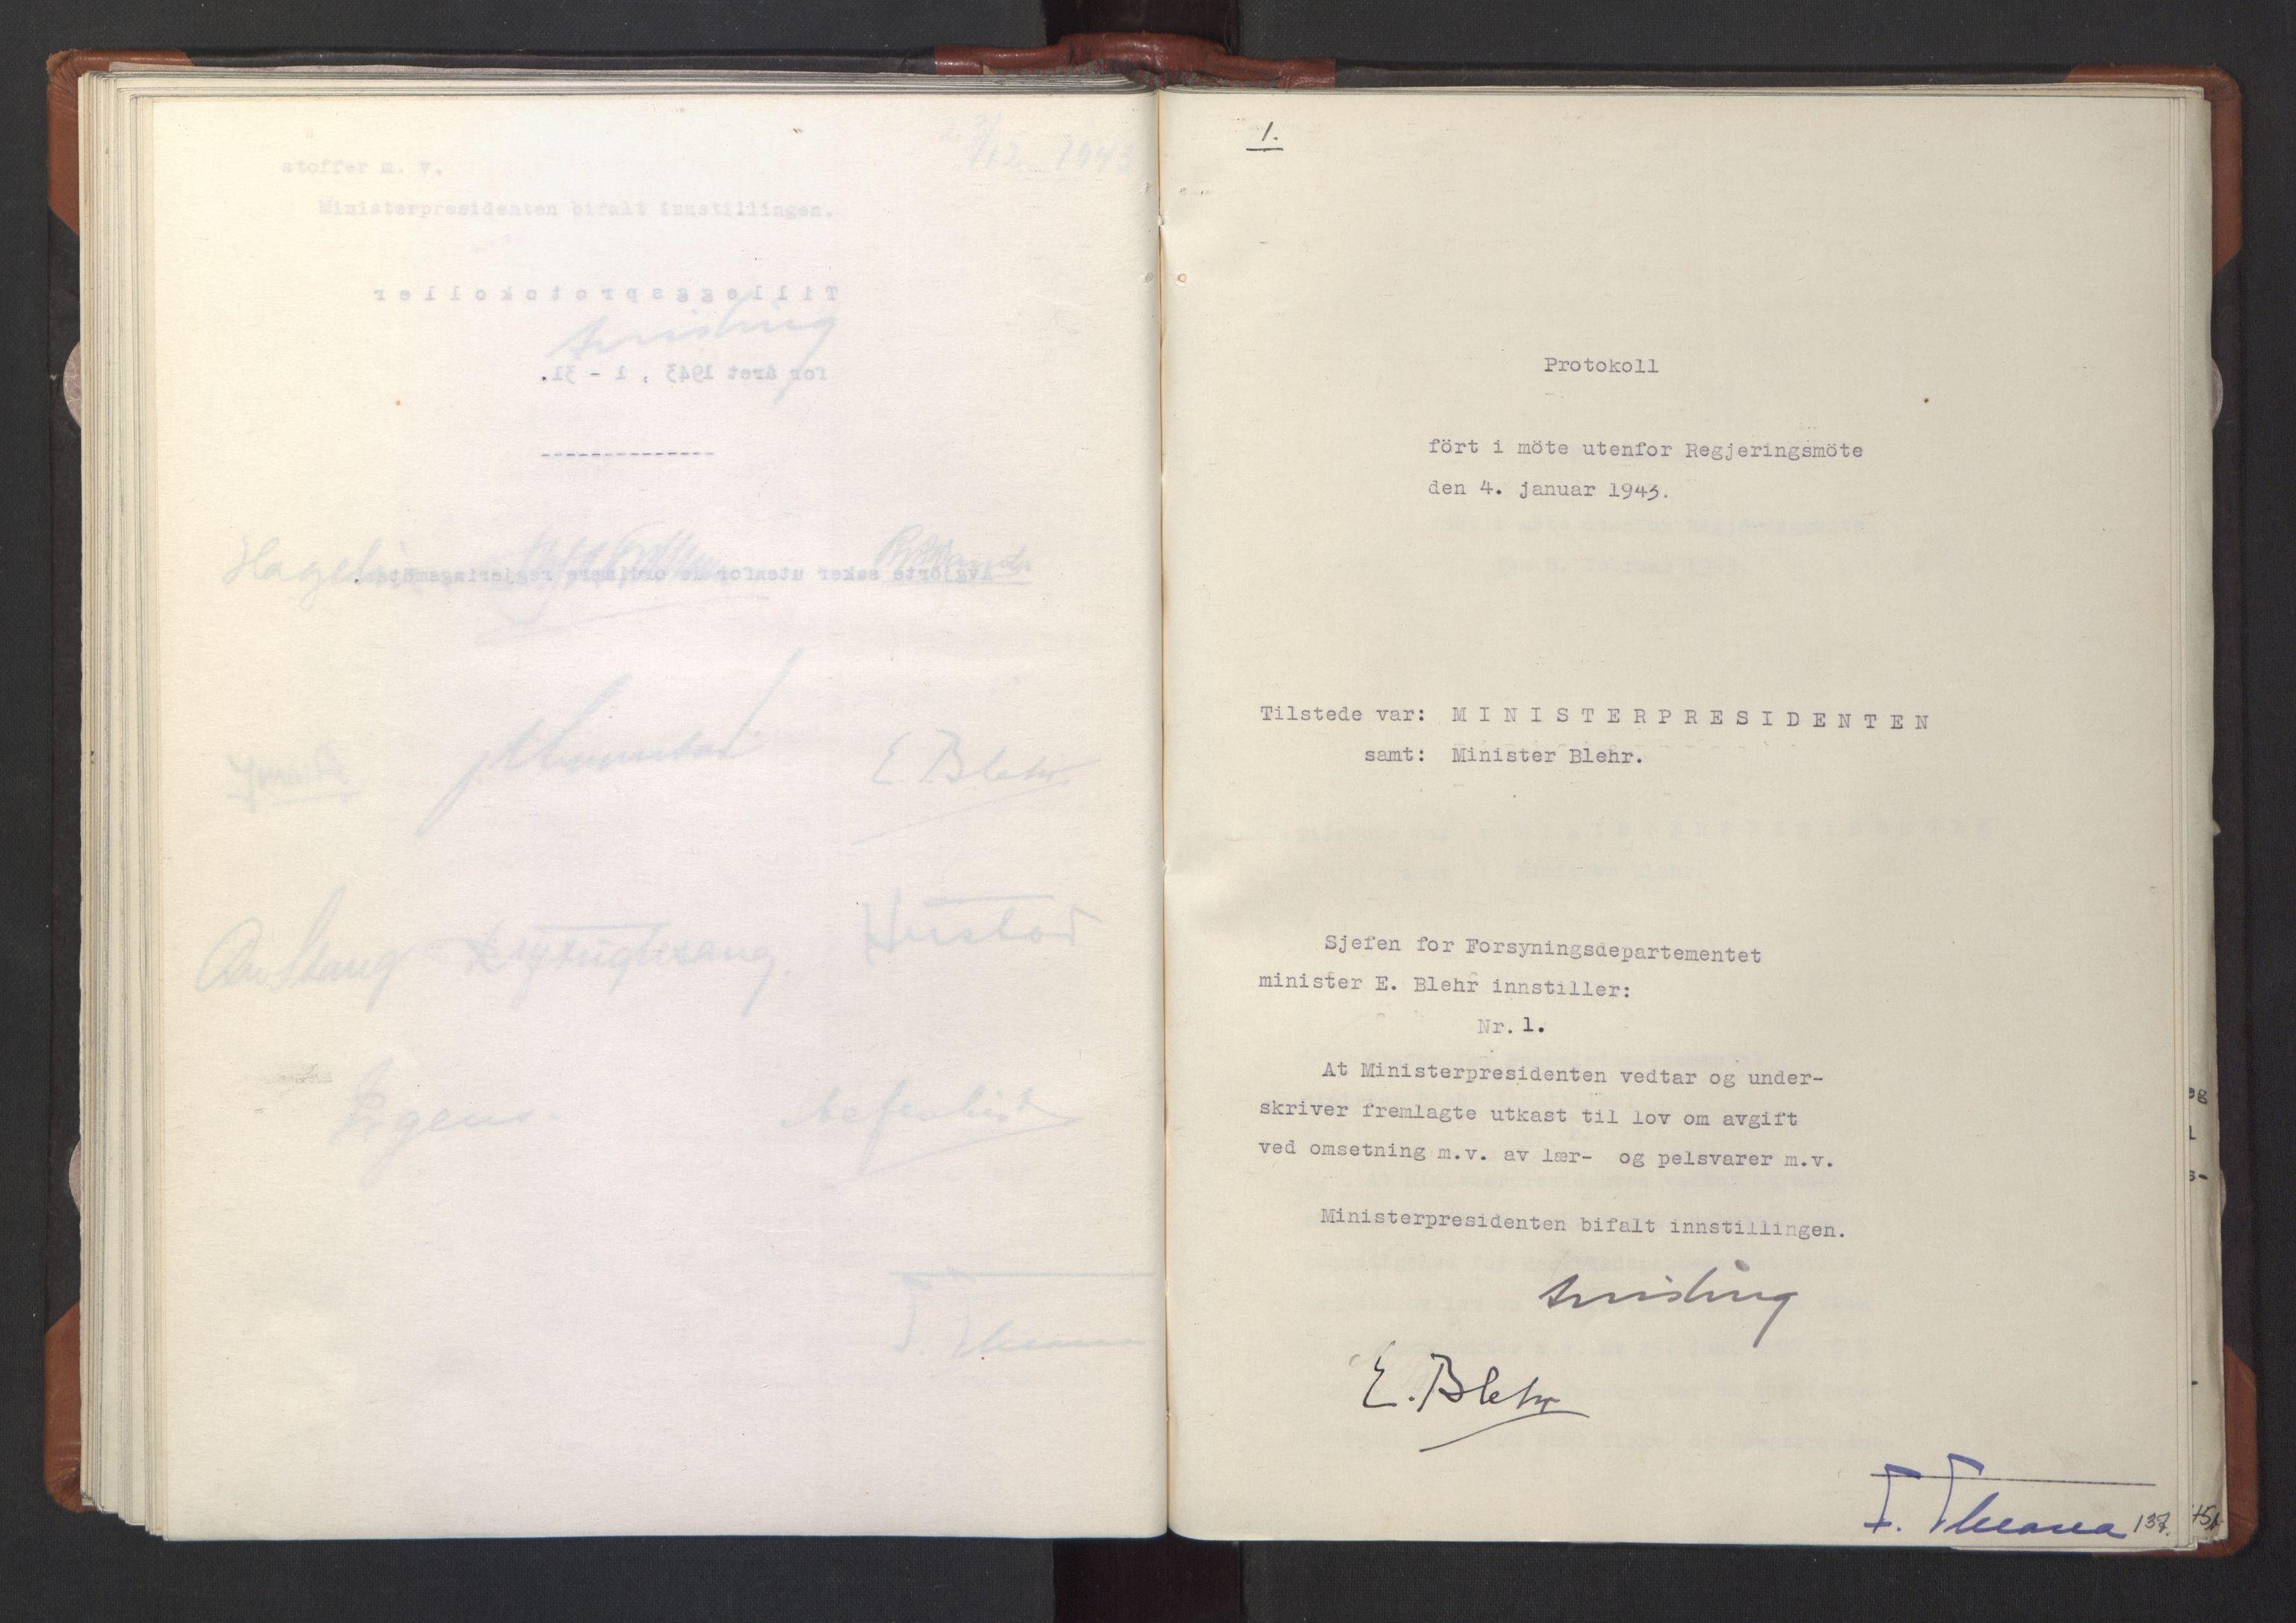 RA, NS-administrasjonen 1940-1945 (Statsrådsekretariatet, de kommisariske statsråder mm), D/Da/L0003: Vedtak (Beslutninger) nr. 1-746 og tillegg nr. 1-47 (RA. j.nr. 1394/1944, tilgangsnr. 8/1944, 1943, s. 136b-137a